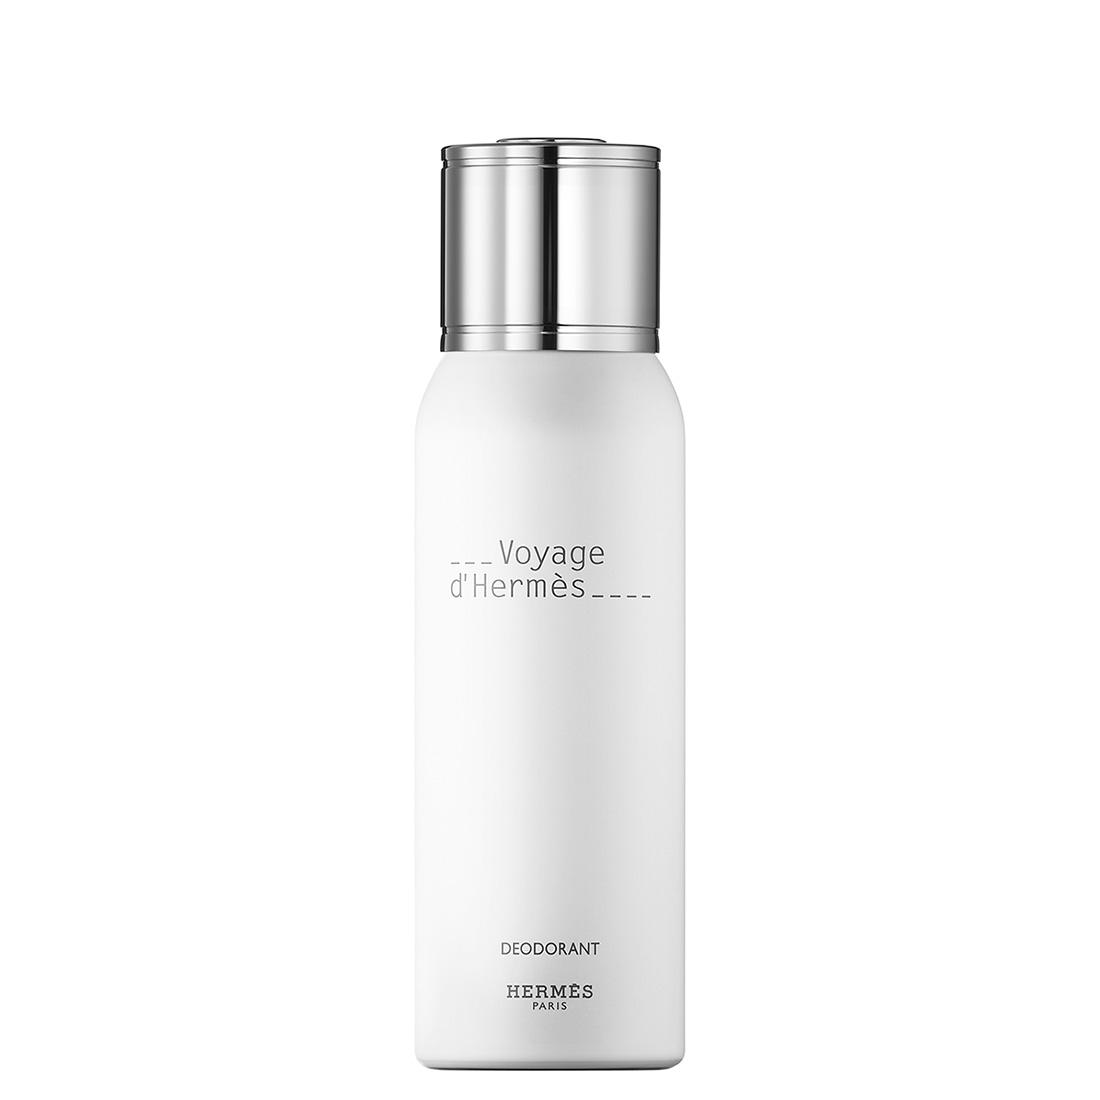 Hermès - Voyage d'Hermès - Déodorant Vaporisateur